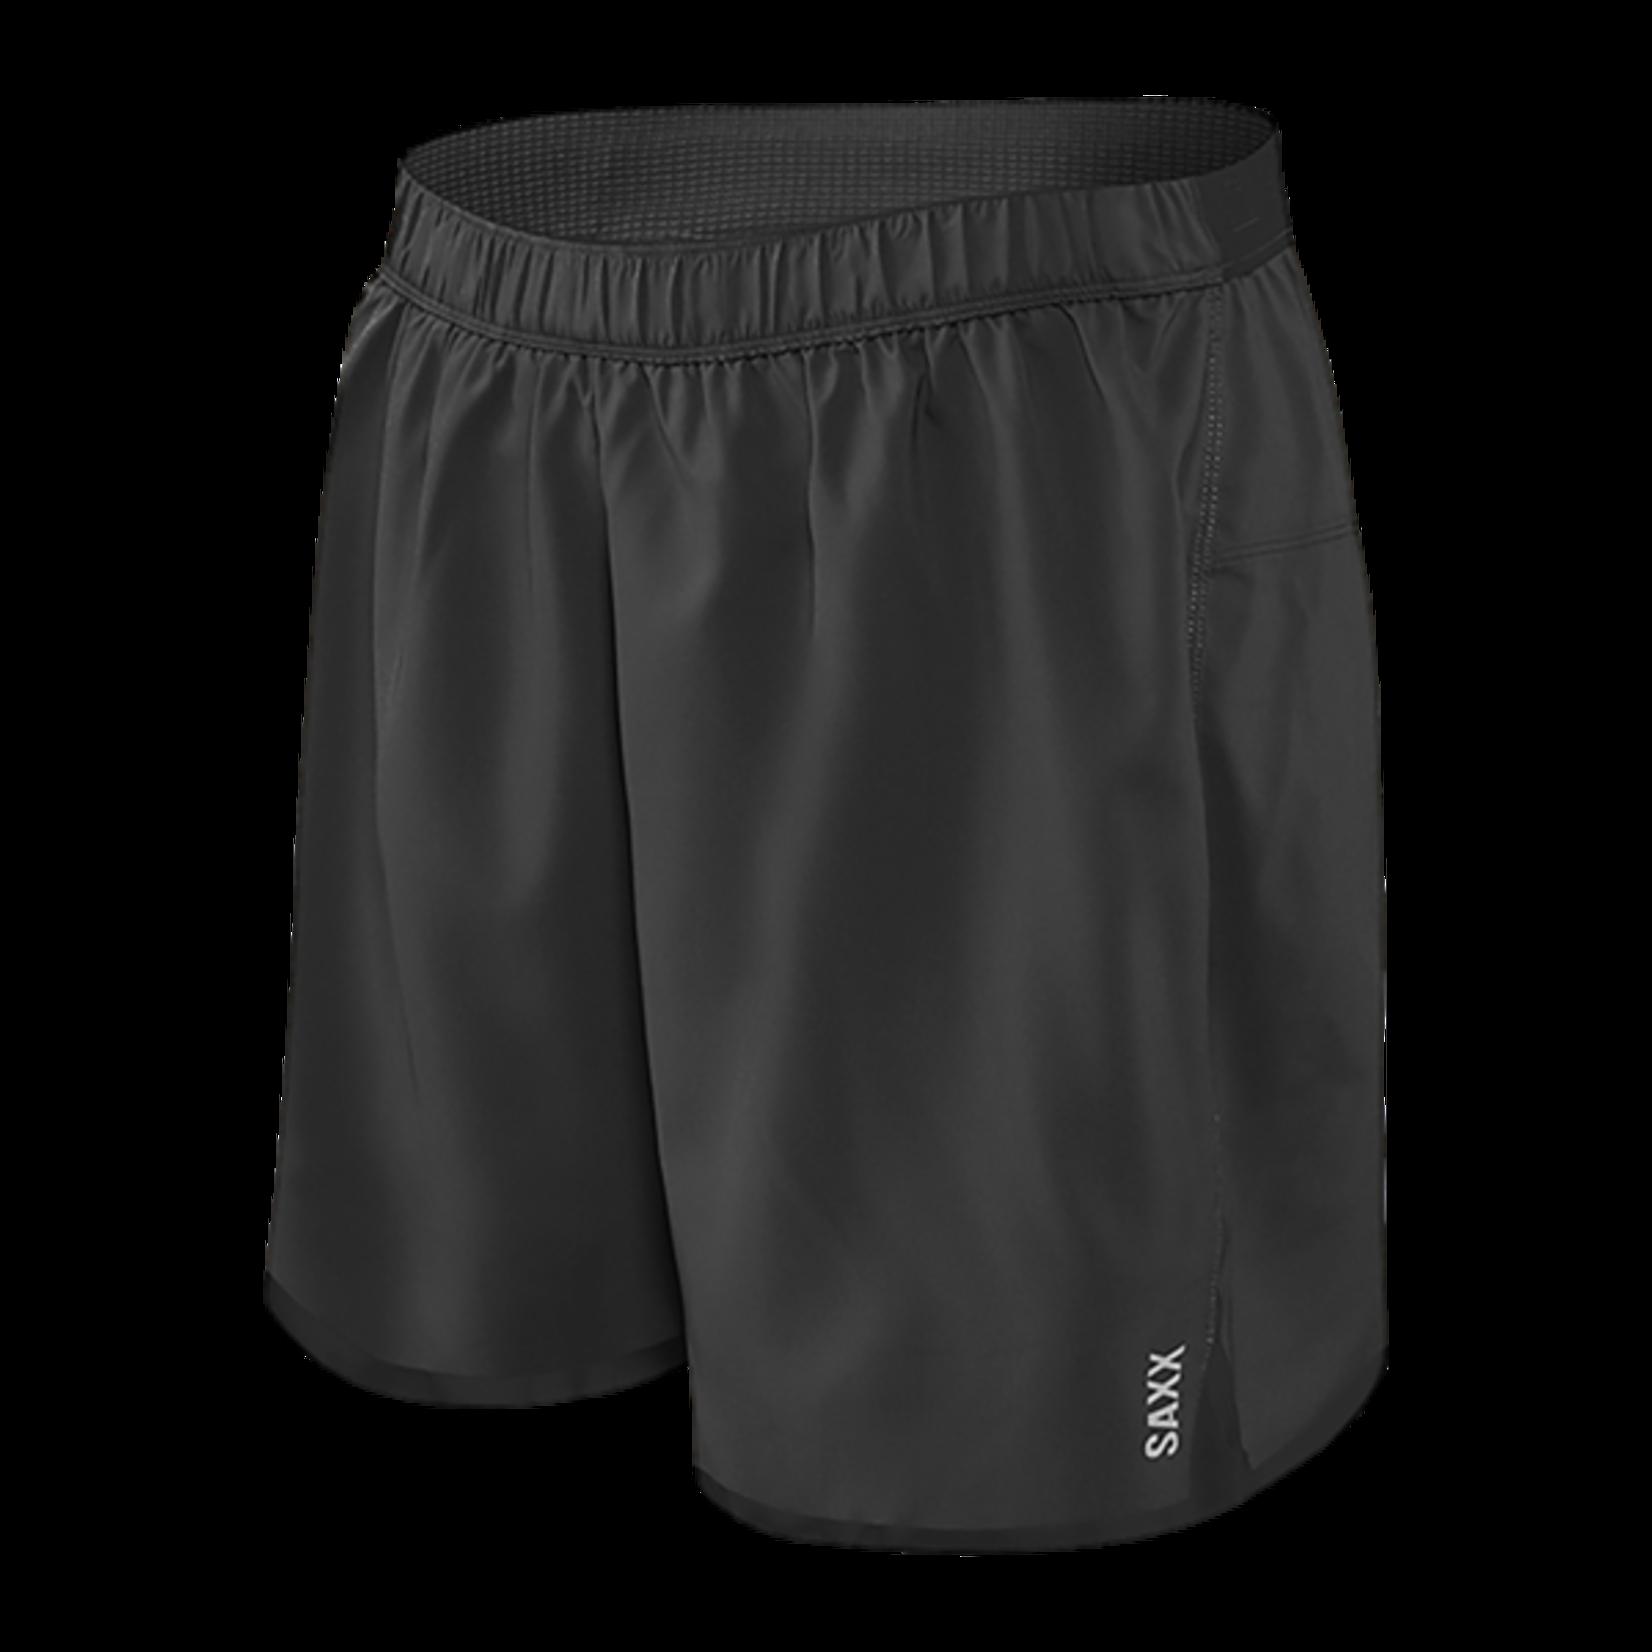 Saxx Saxx Shorts, Pilot 2N1, Mens